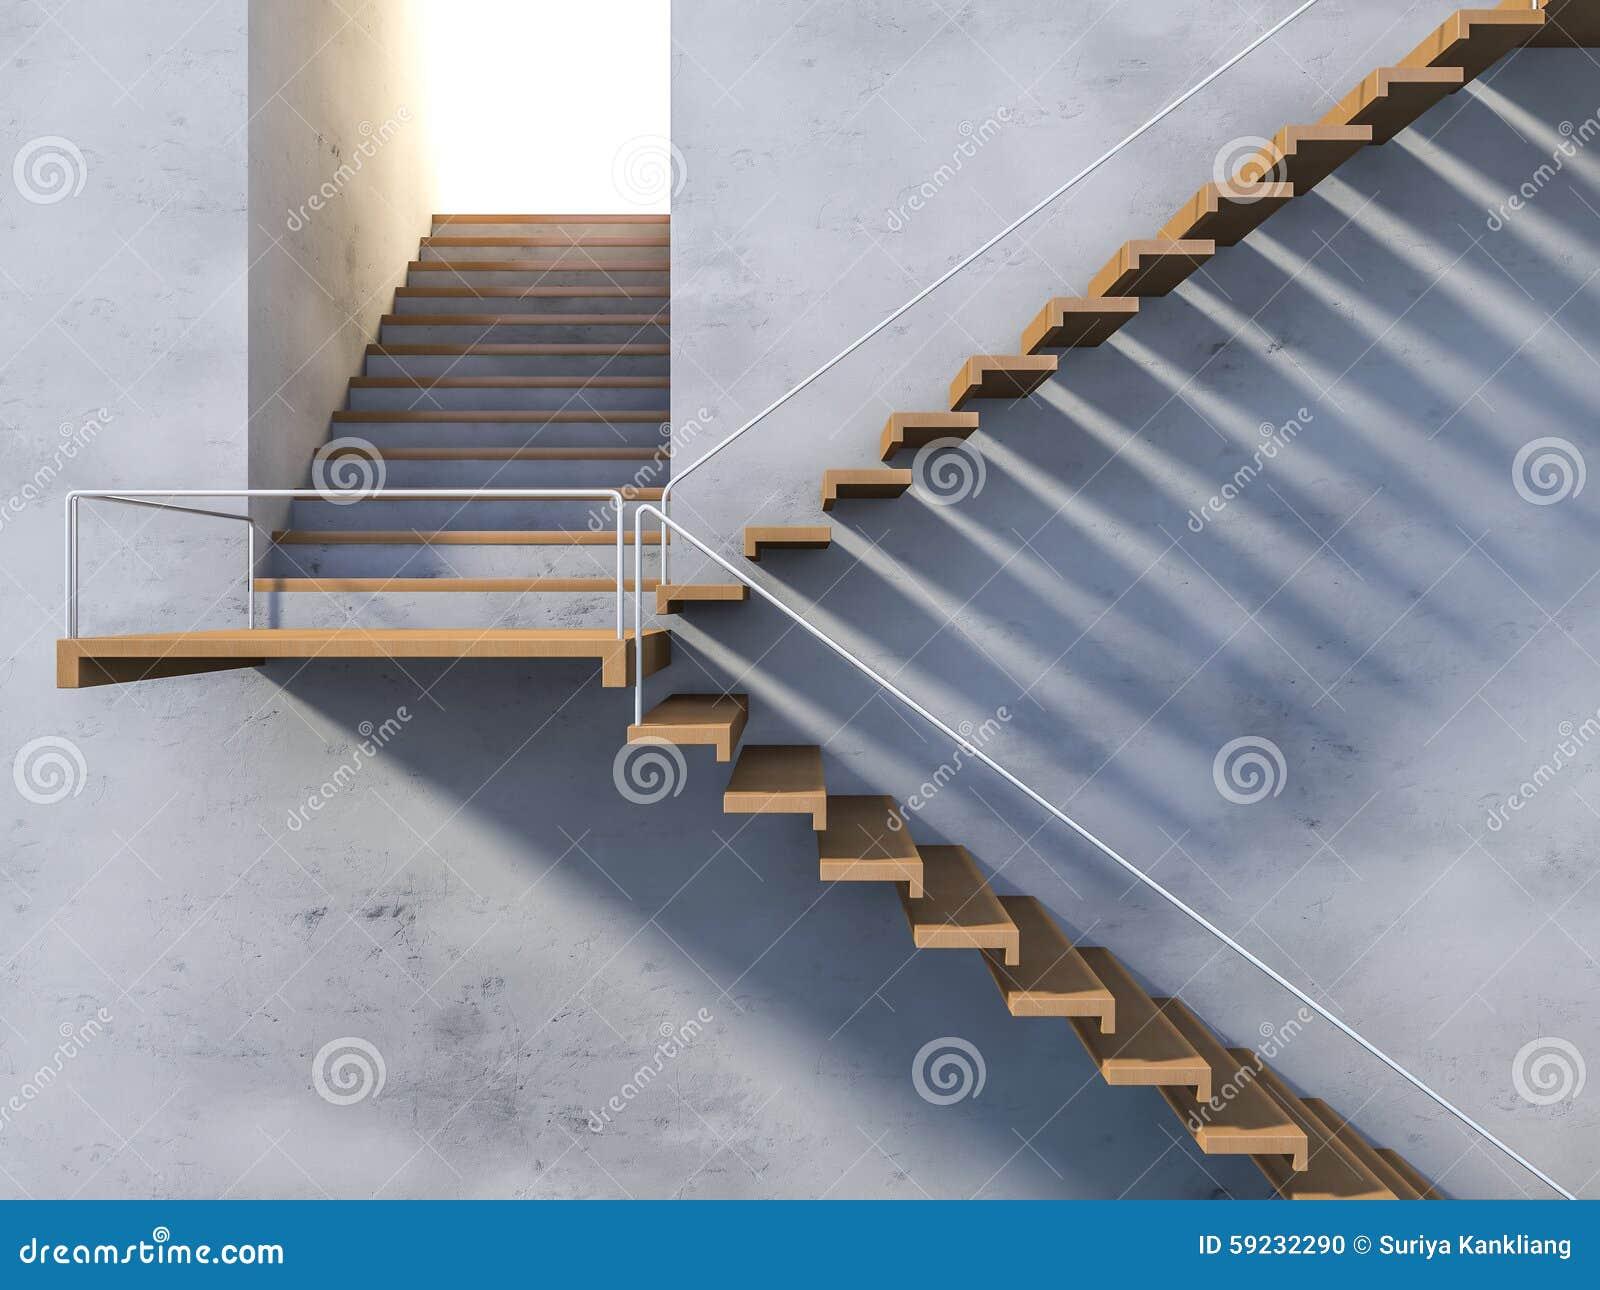 Download Escalera de madera 3ds stock de ilustración. Ilustración de brillante - 59232290